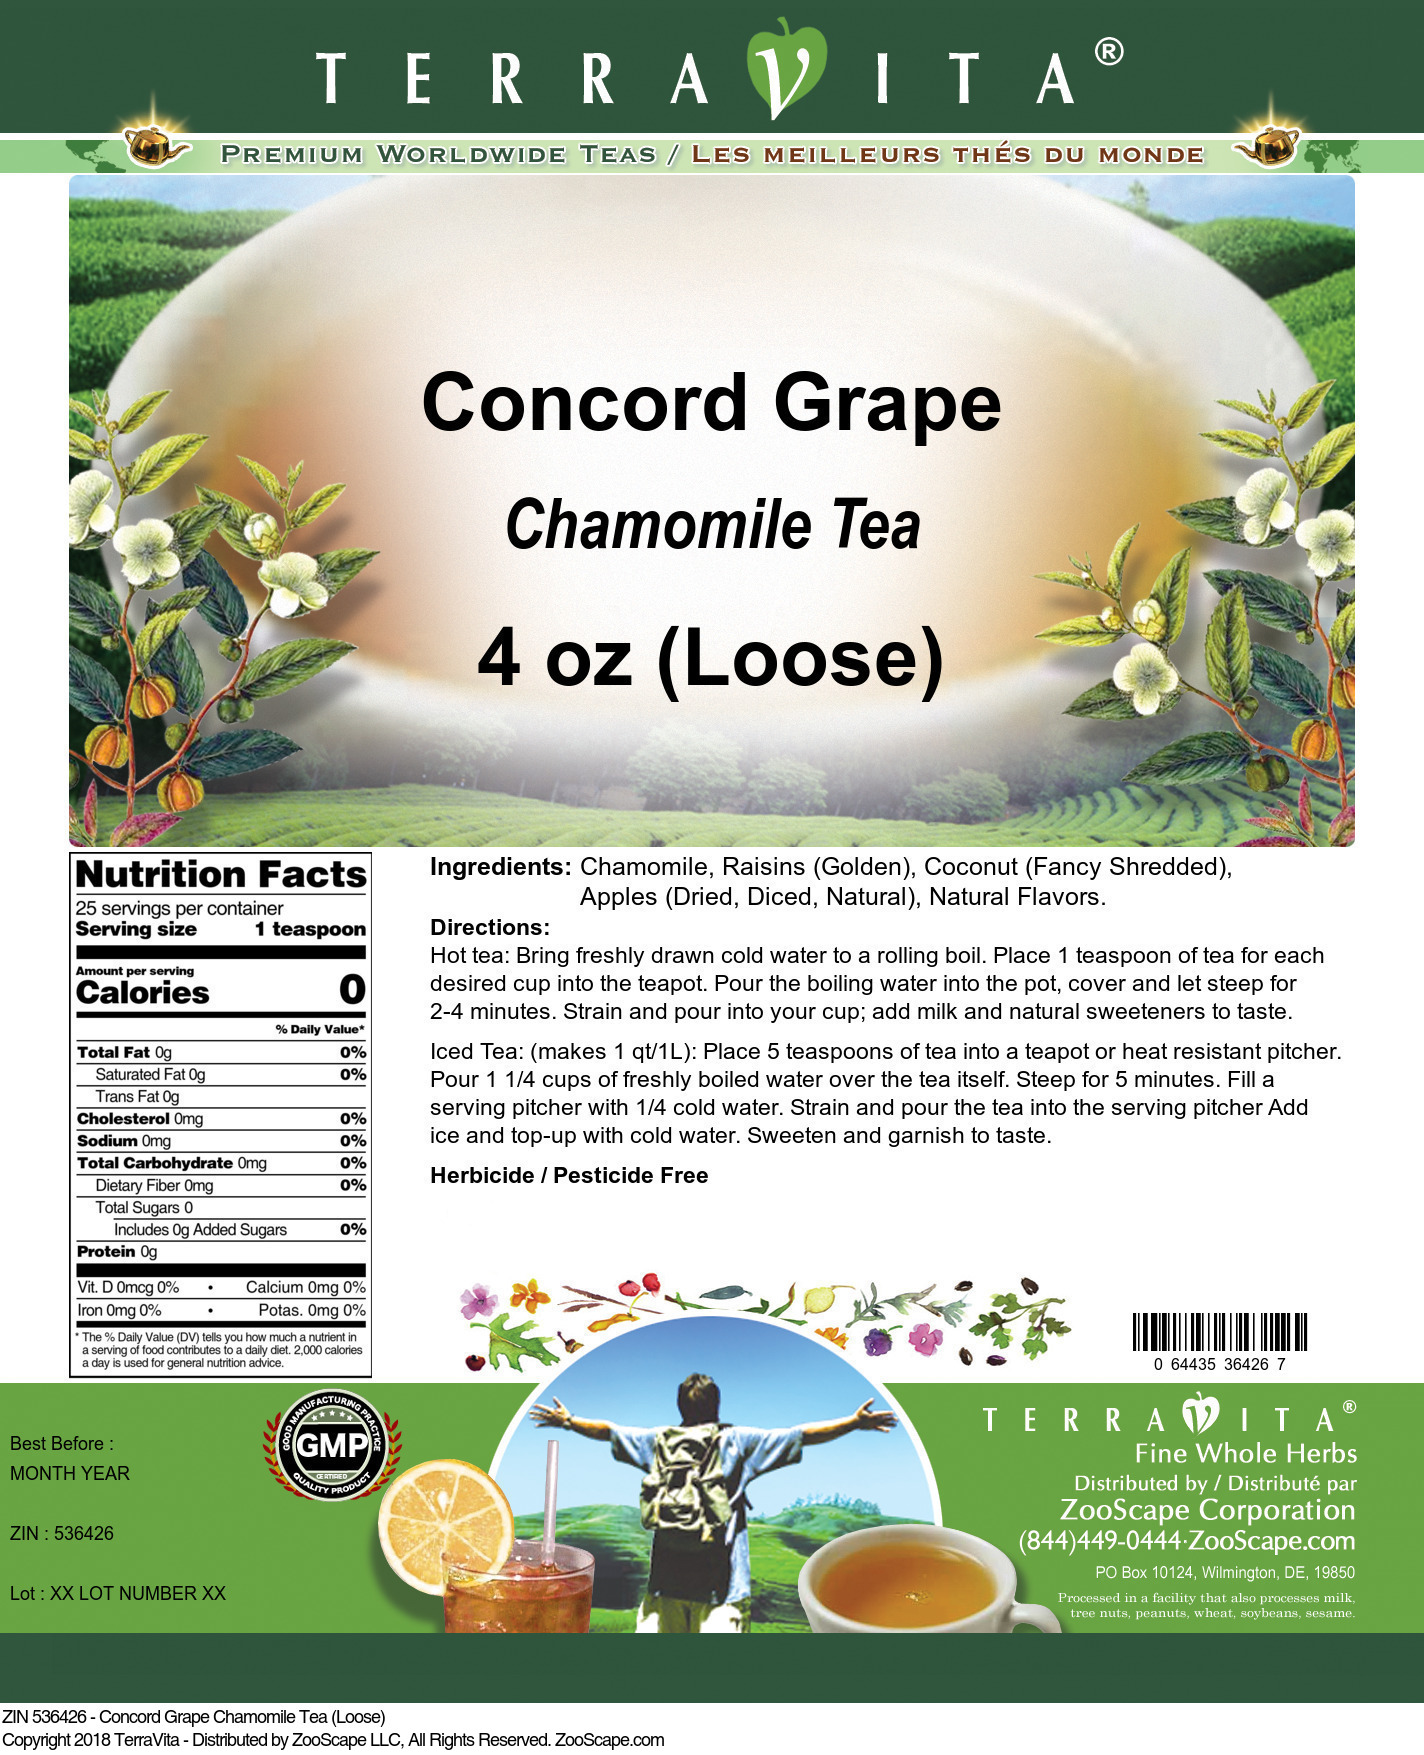 Concord Grape Chamomile Tea